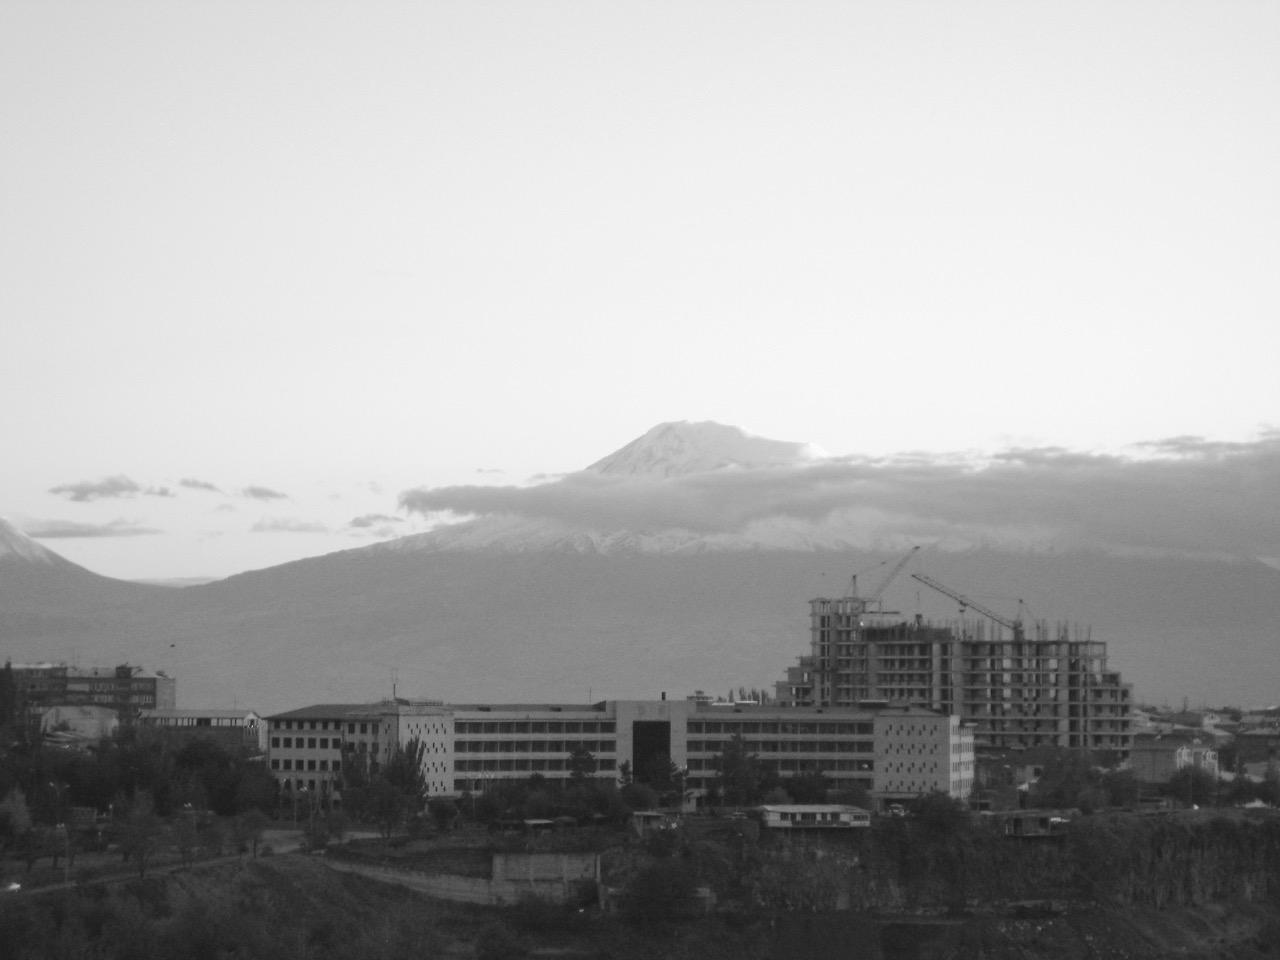 Foto: Hochhaus am Horizont. Aus: Eriwan. Kapitel 5. Aufzeichnungen aus Armenien von Marc Degens.